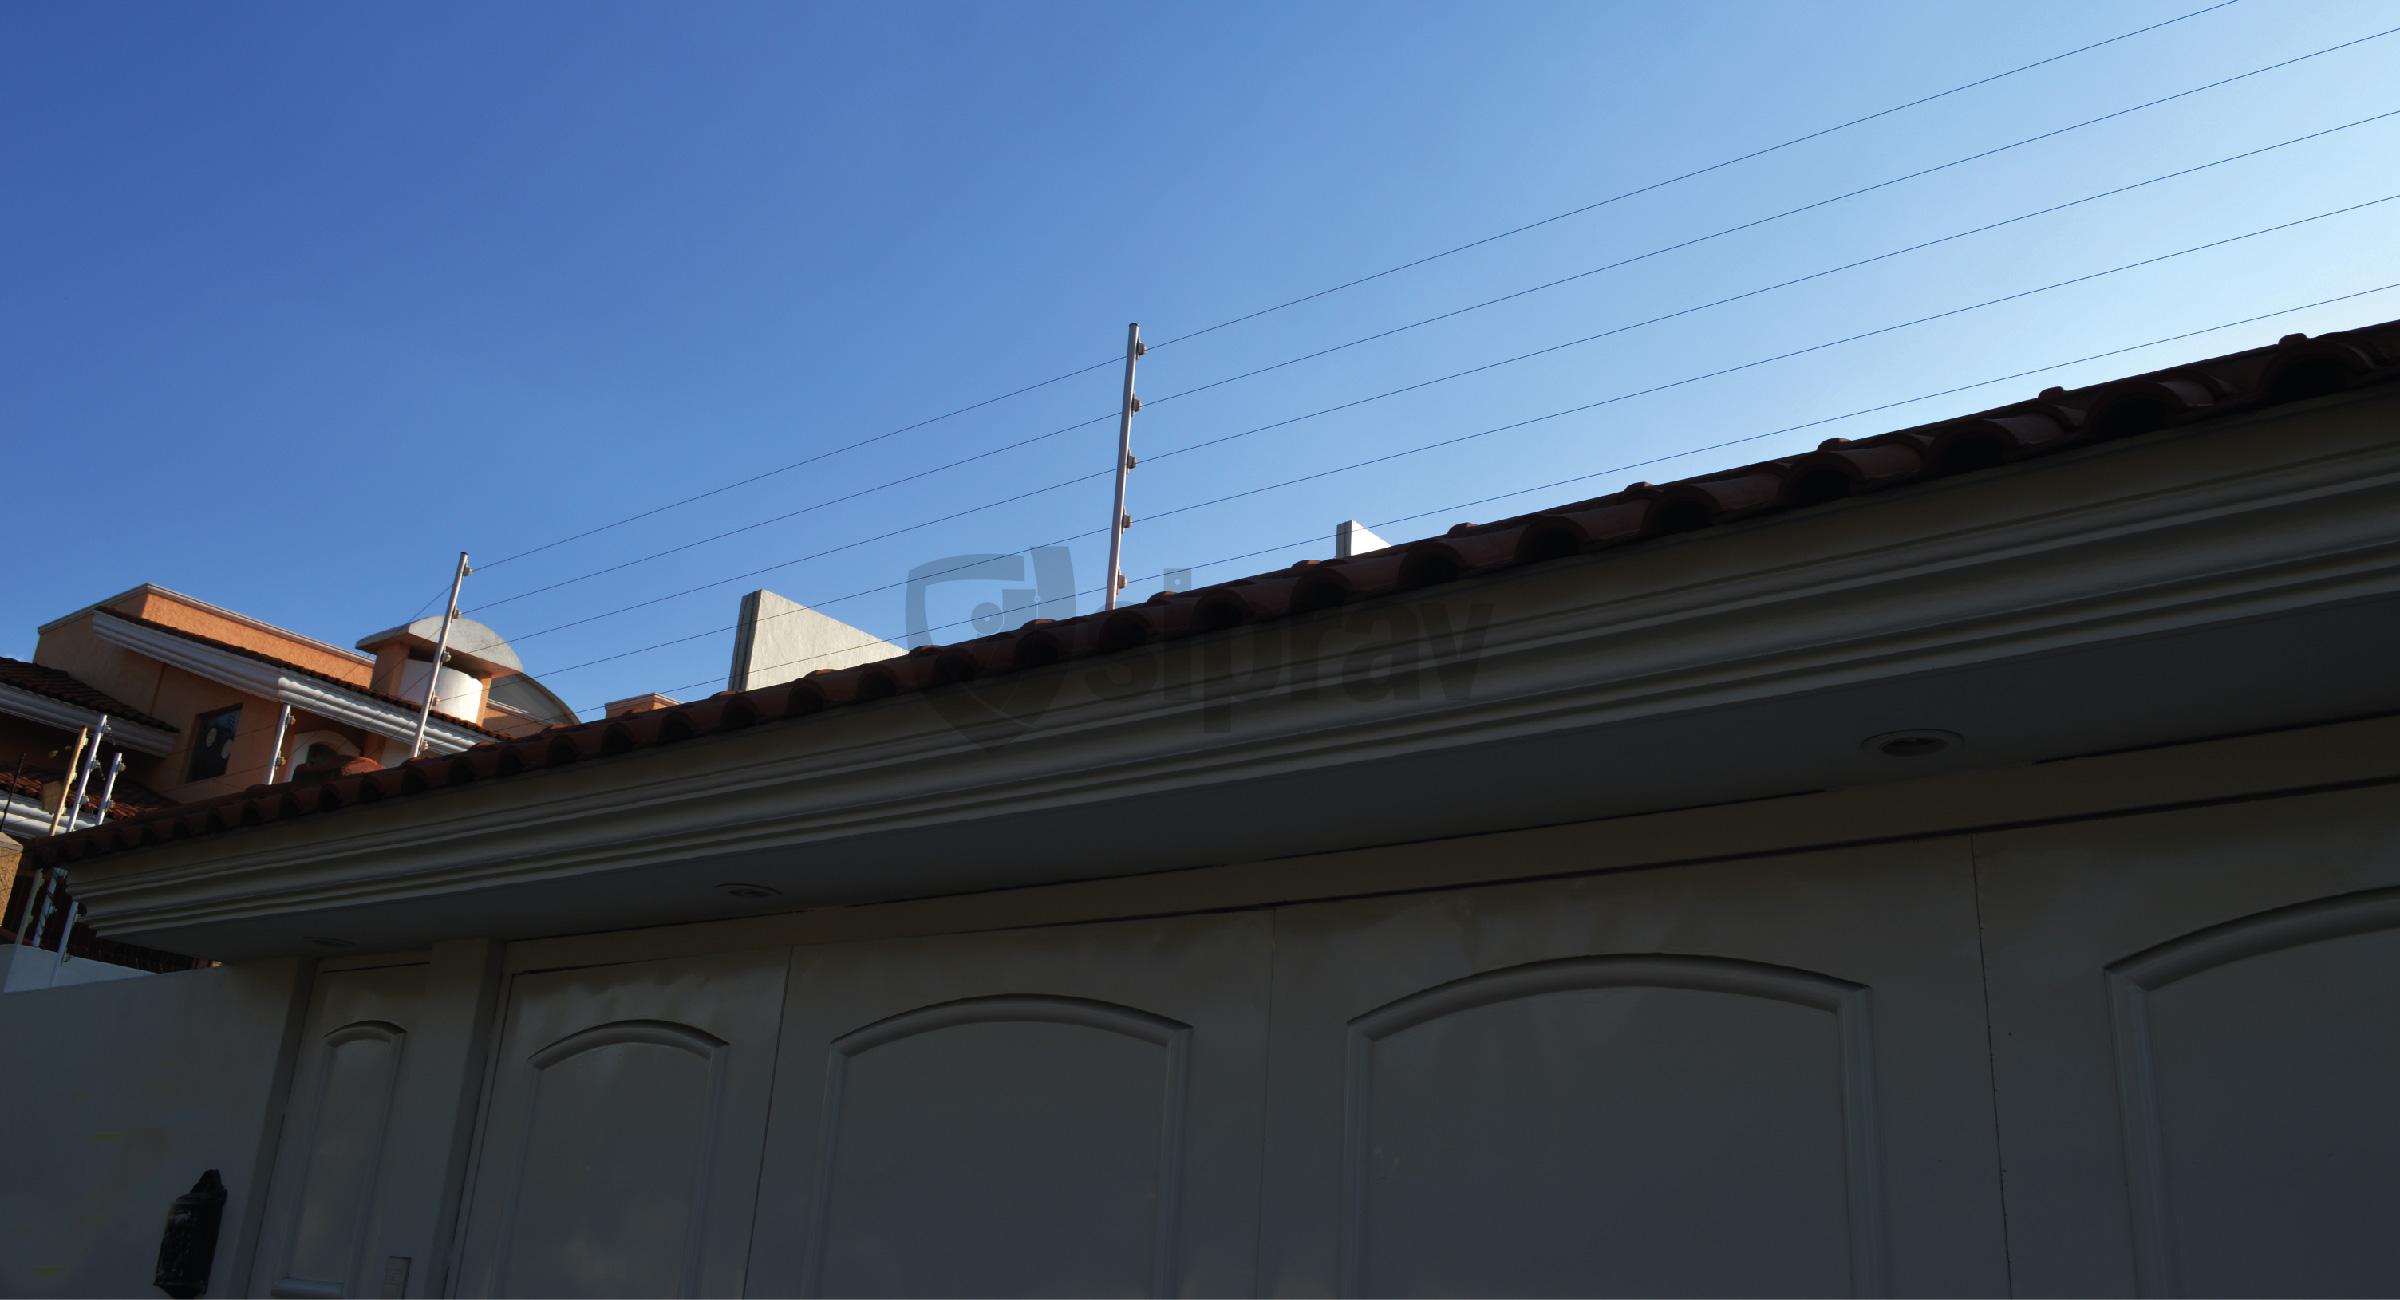 Cercas Eléctricas en casa sobre teja.